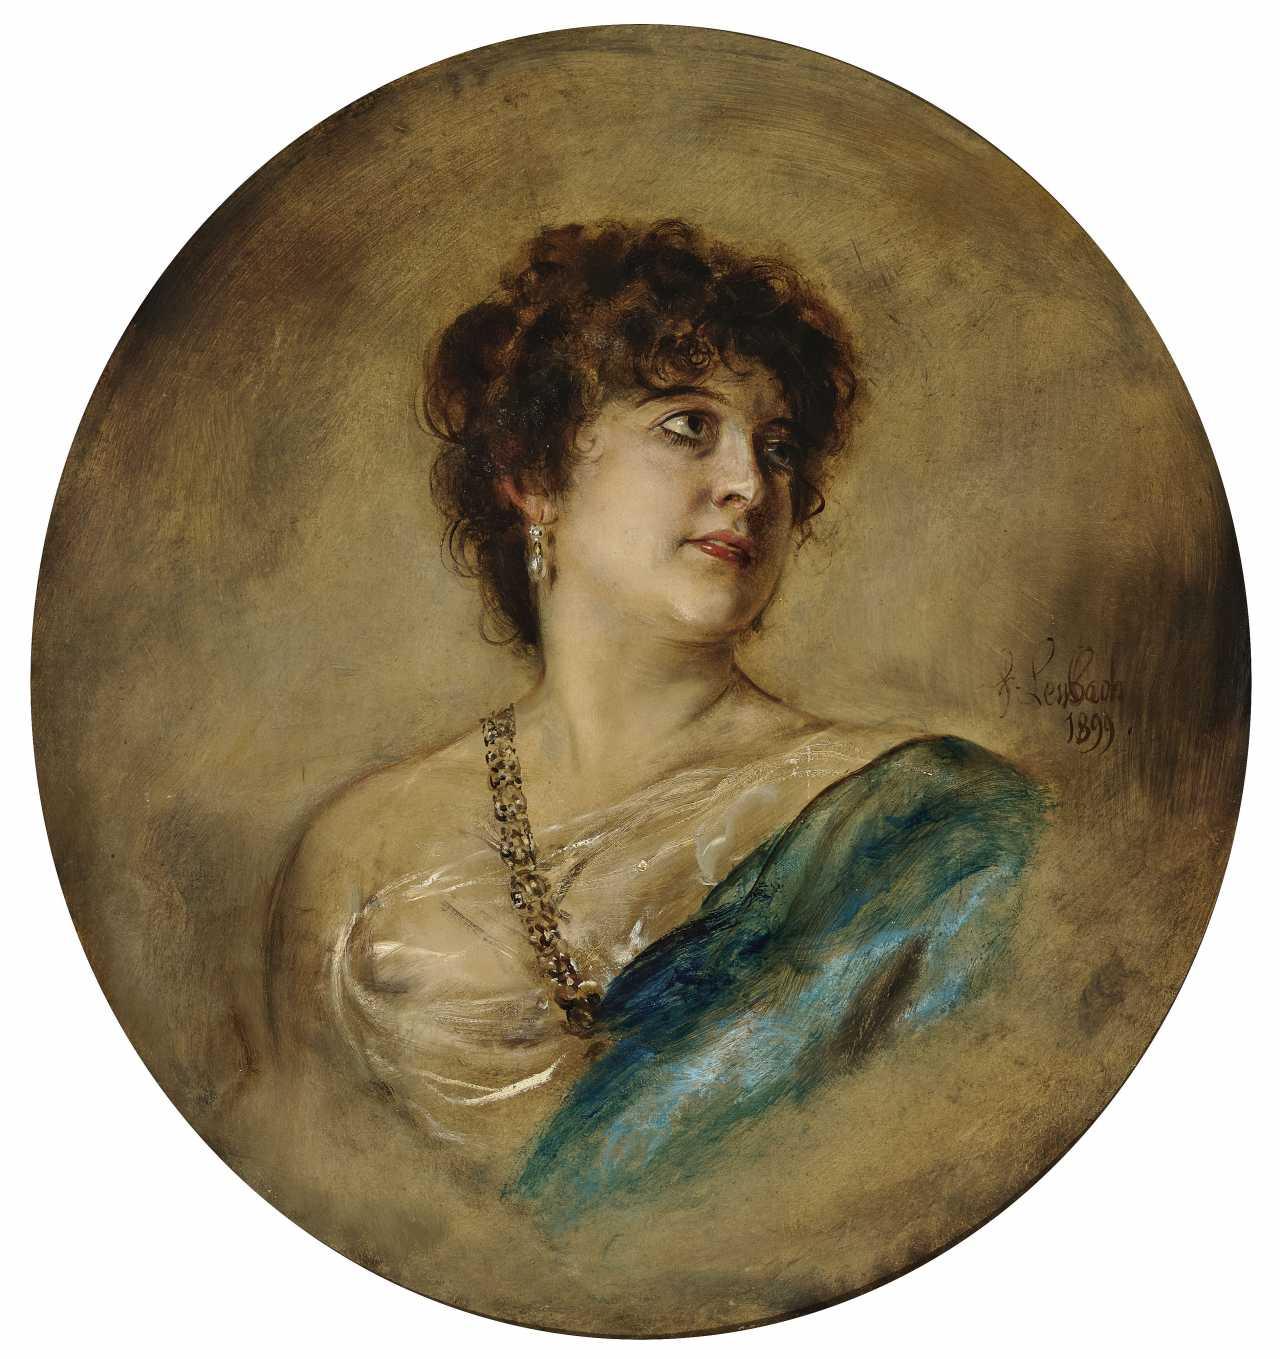 Bárkány Mária, a 19. század elfelejtett színész-csillaga